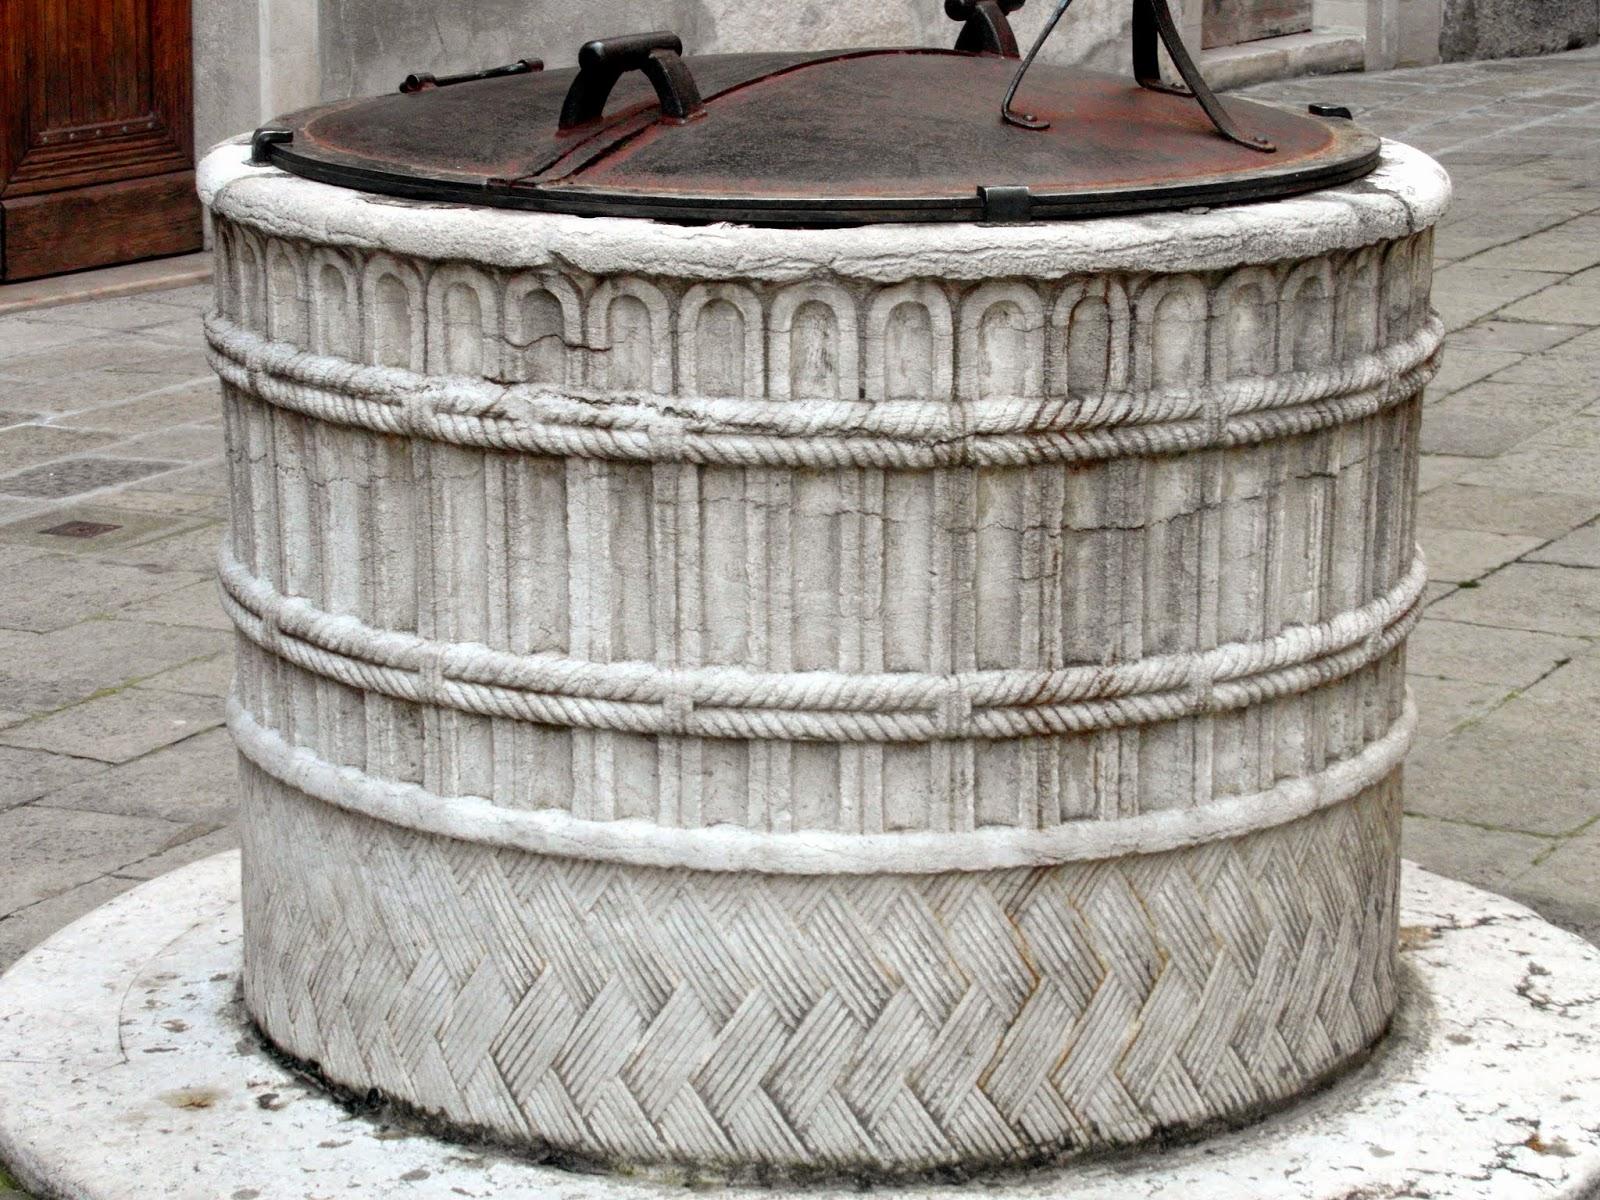 Early 15th century well-head (vera da pozzo), Corte Gregolina, Venice. A rare example of a basket-weave design.